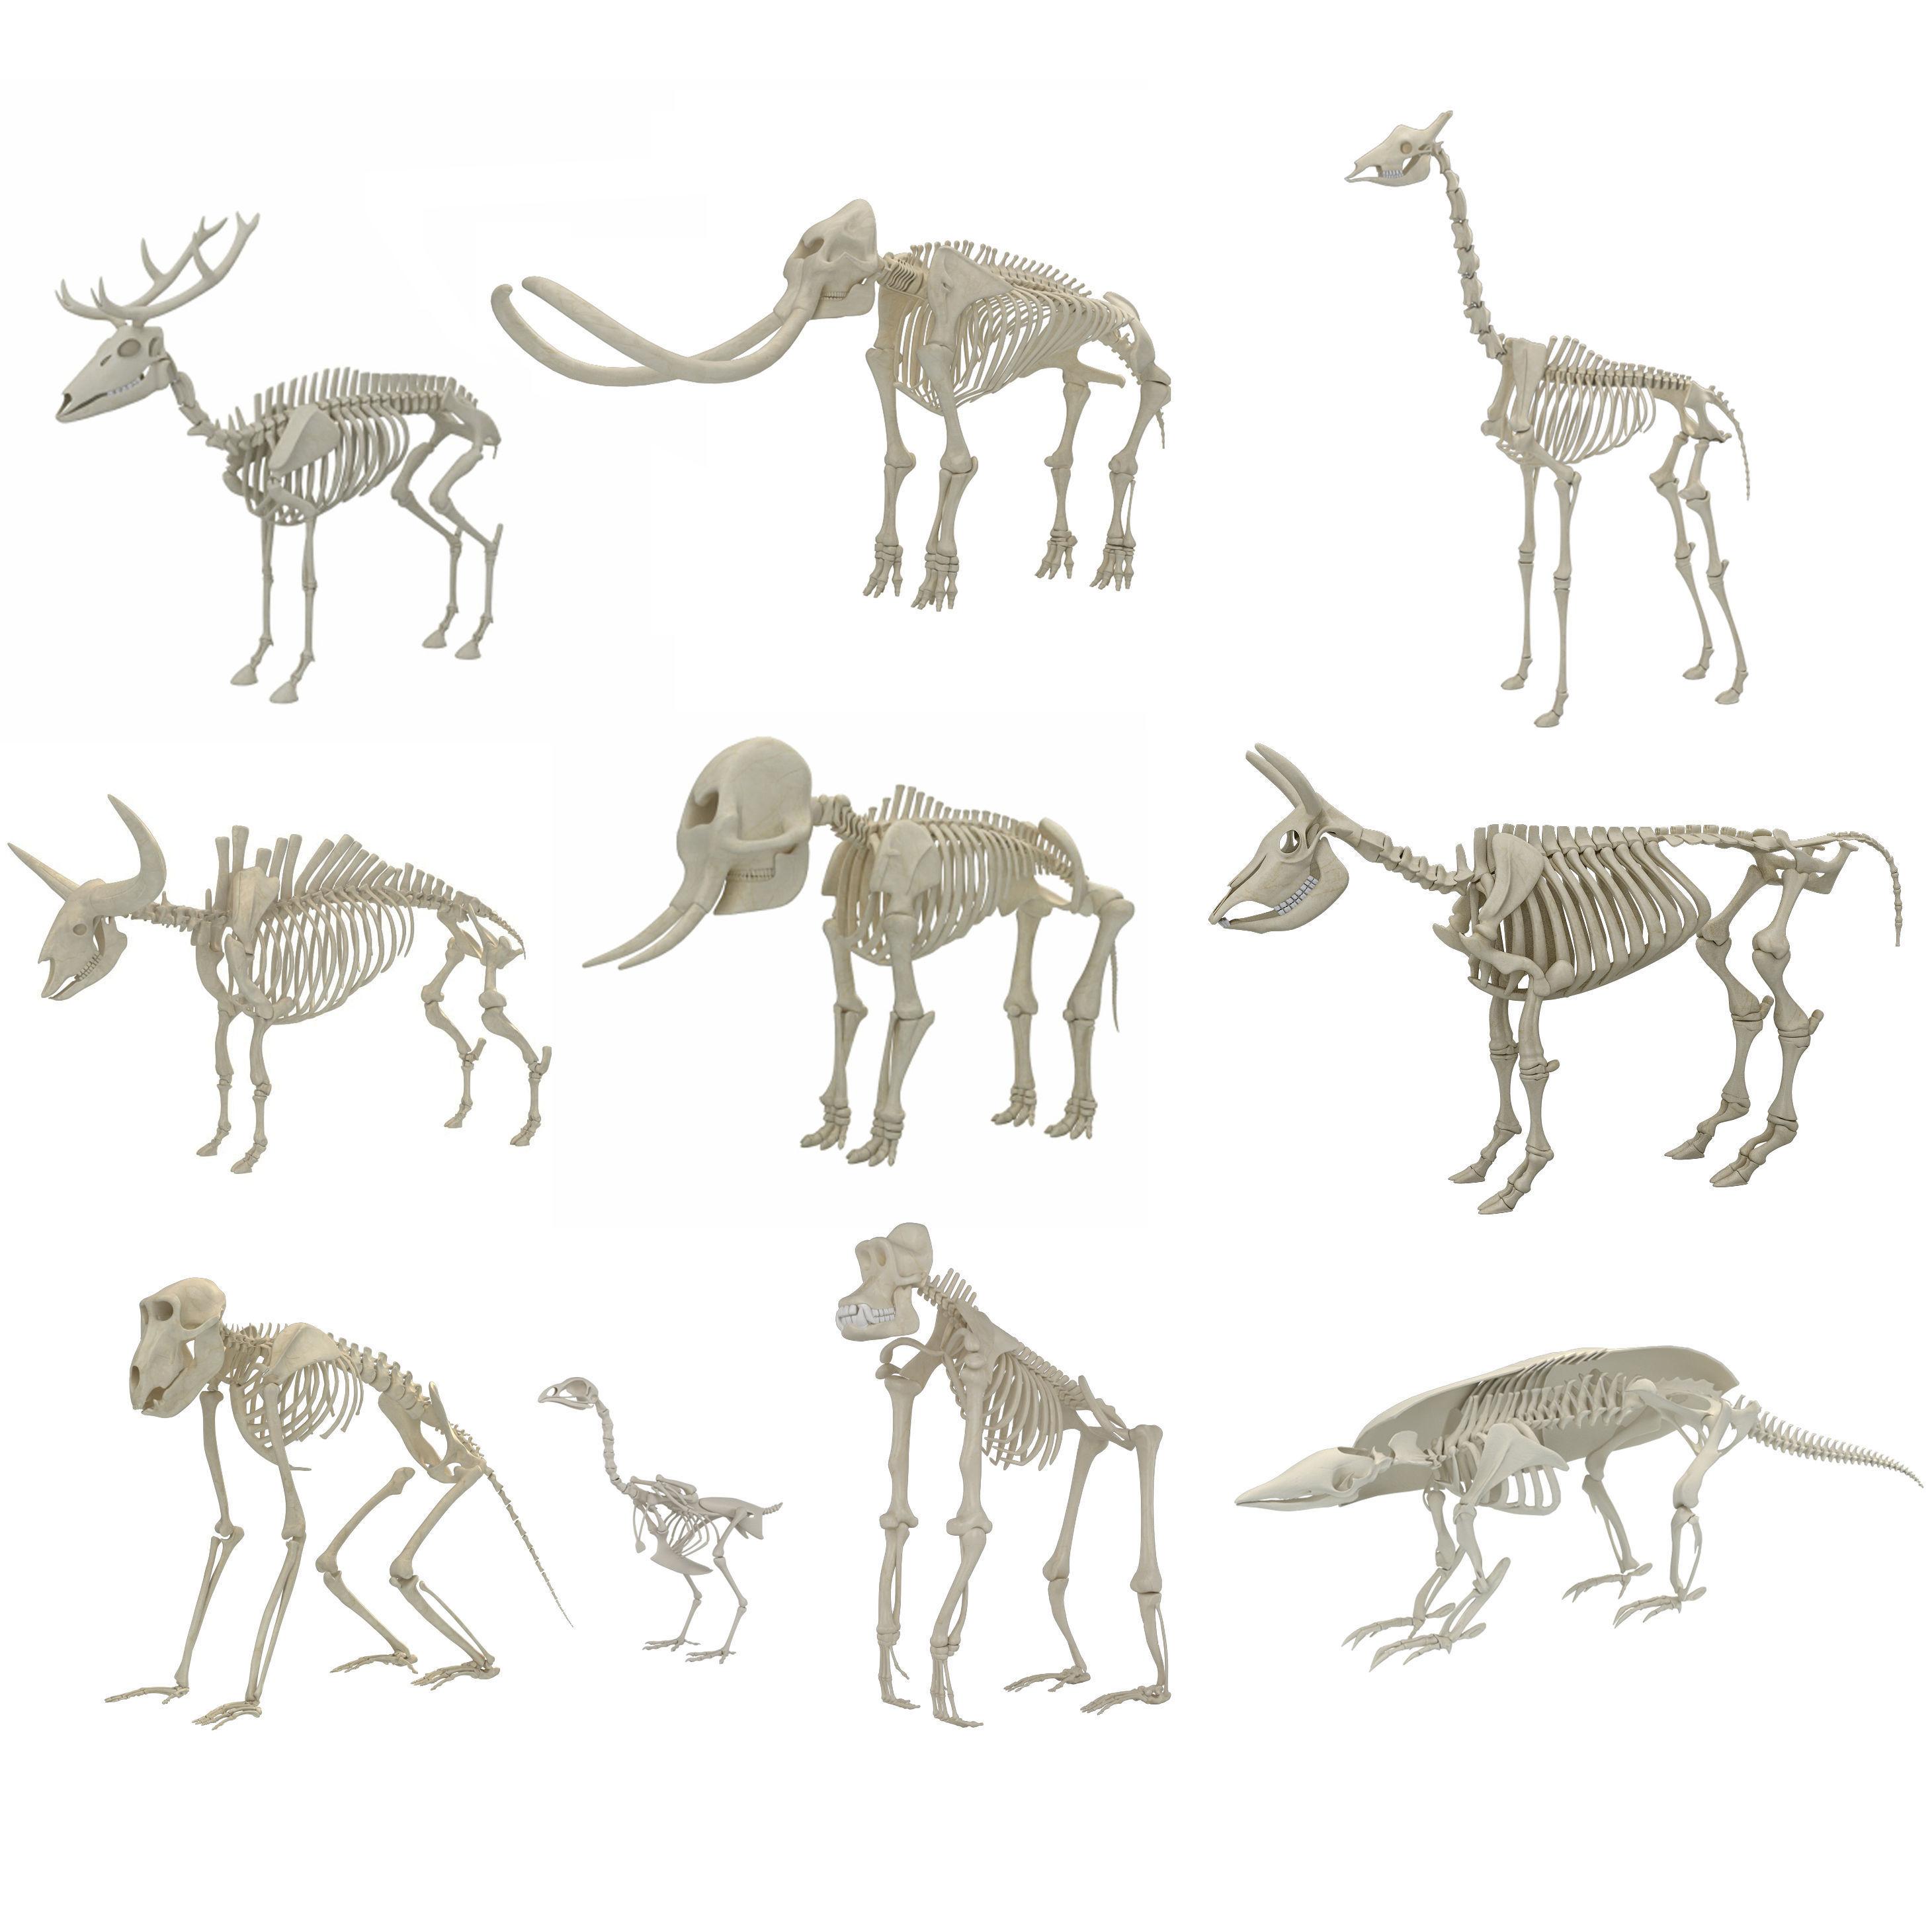 Animal Skeleton 10 in 1